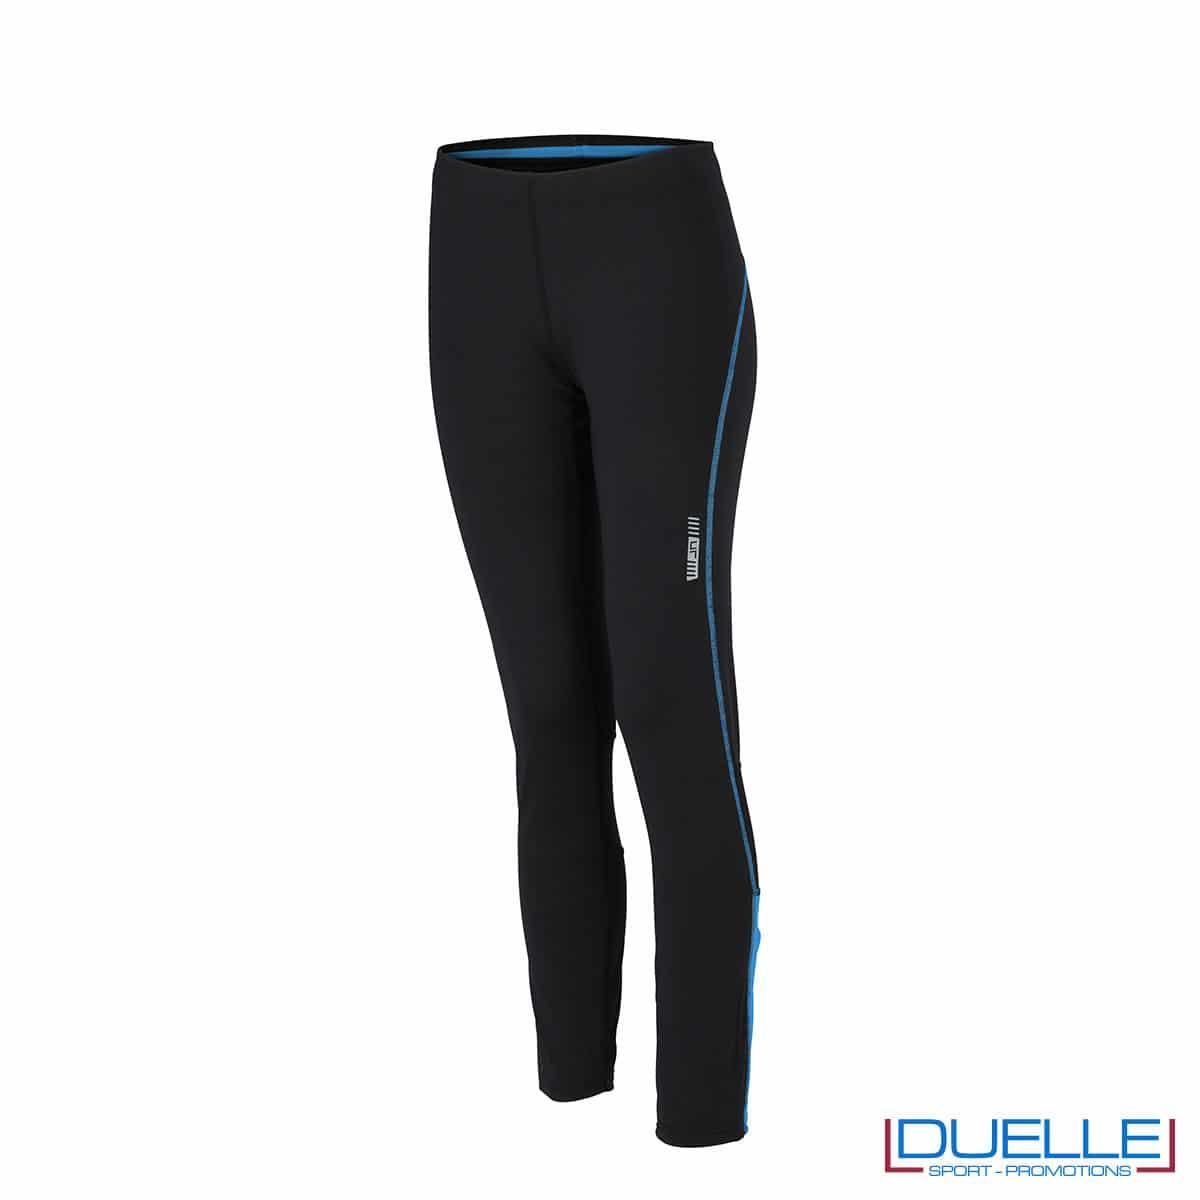 Pantaloni corsa donna nero/azzurro personalizzati